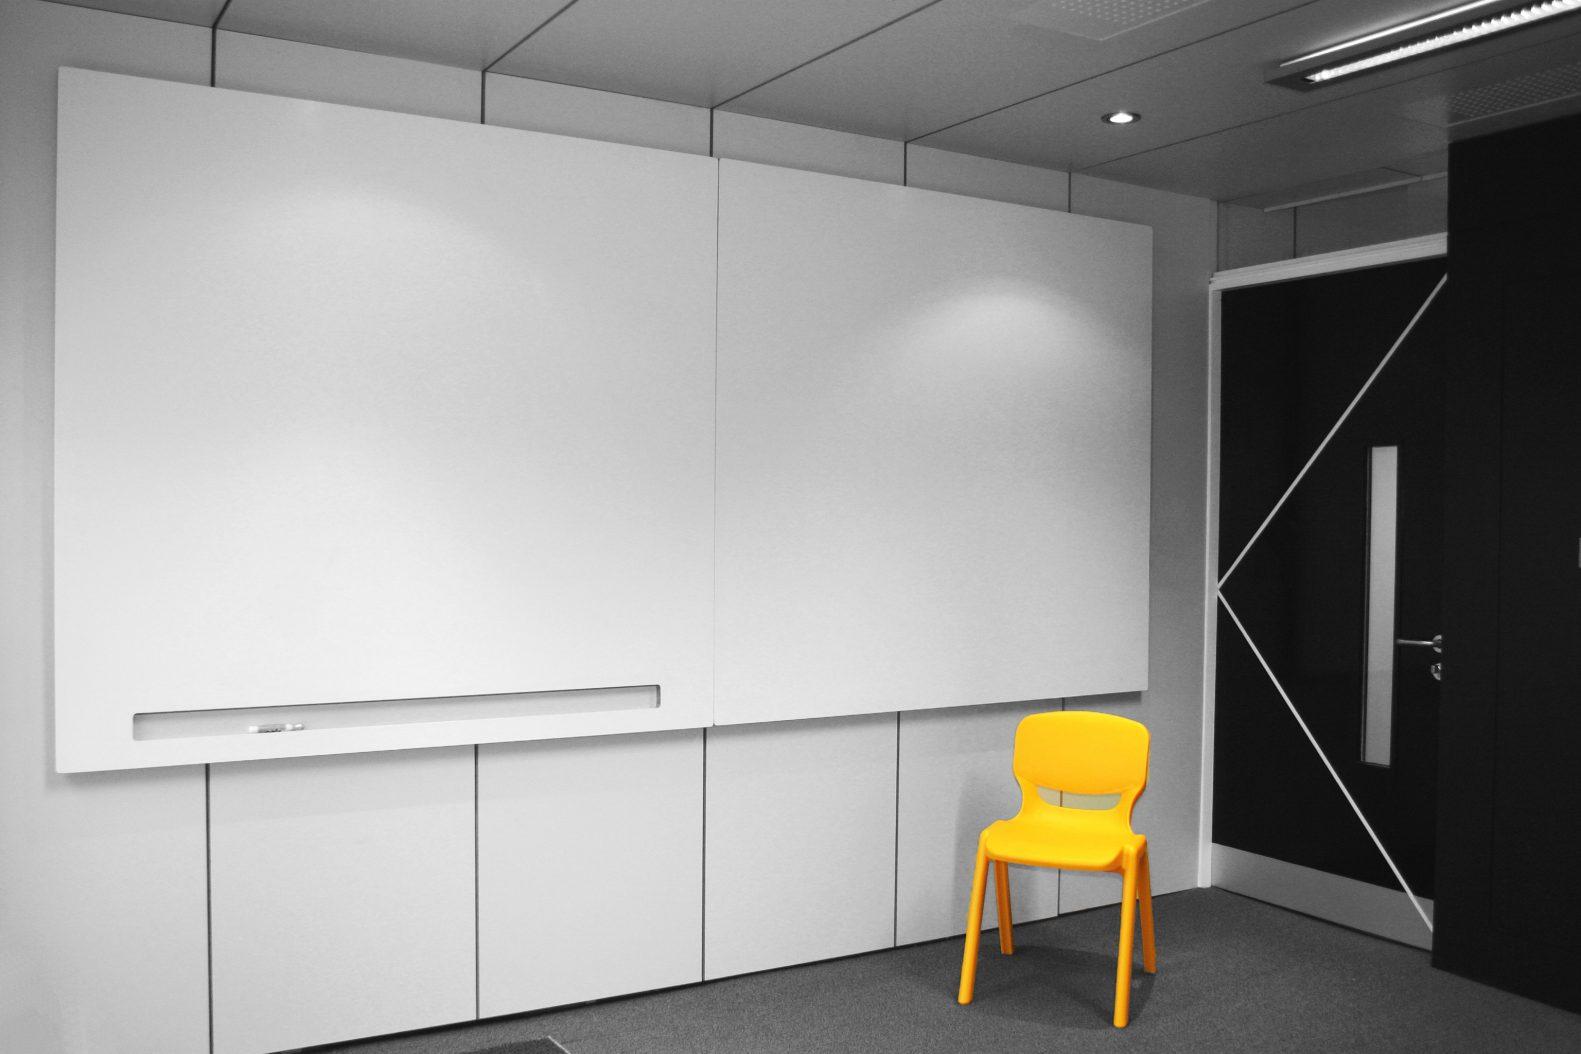 Thorngrove School Interior Design